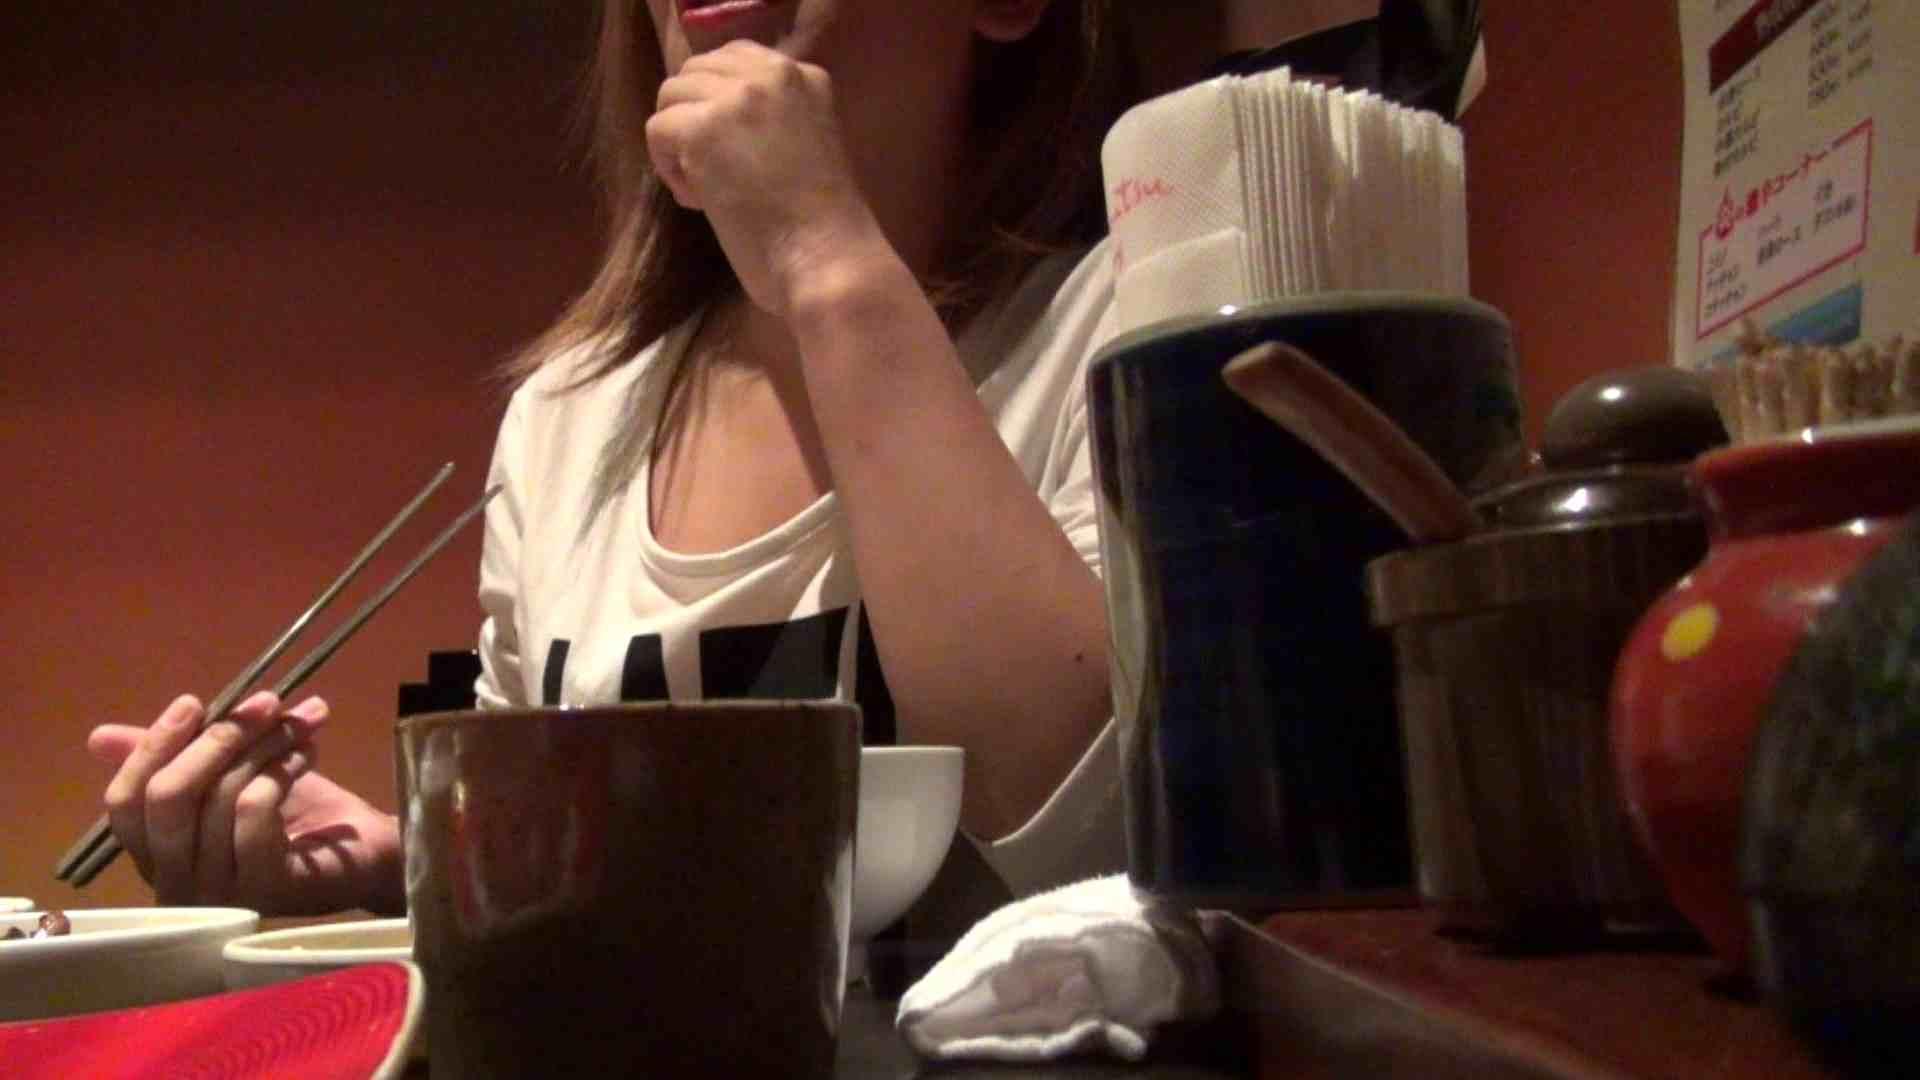 【出会い01】大助さんMちゃんと食事会 悪戯 | 友人  56pic 27